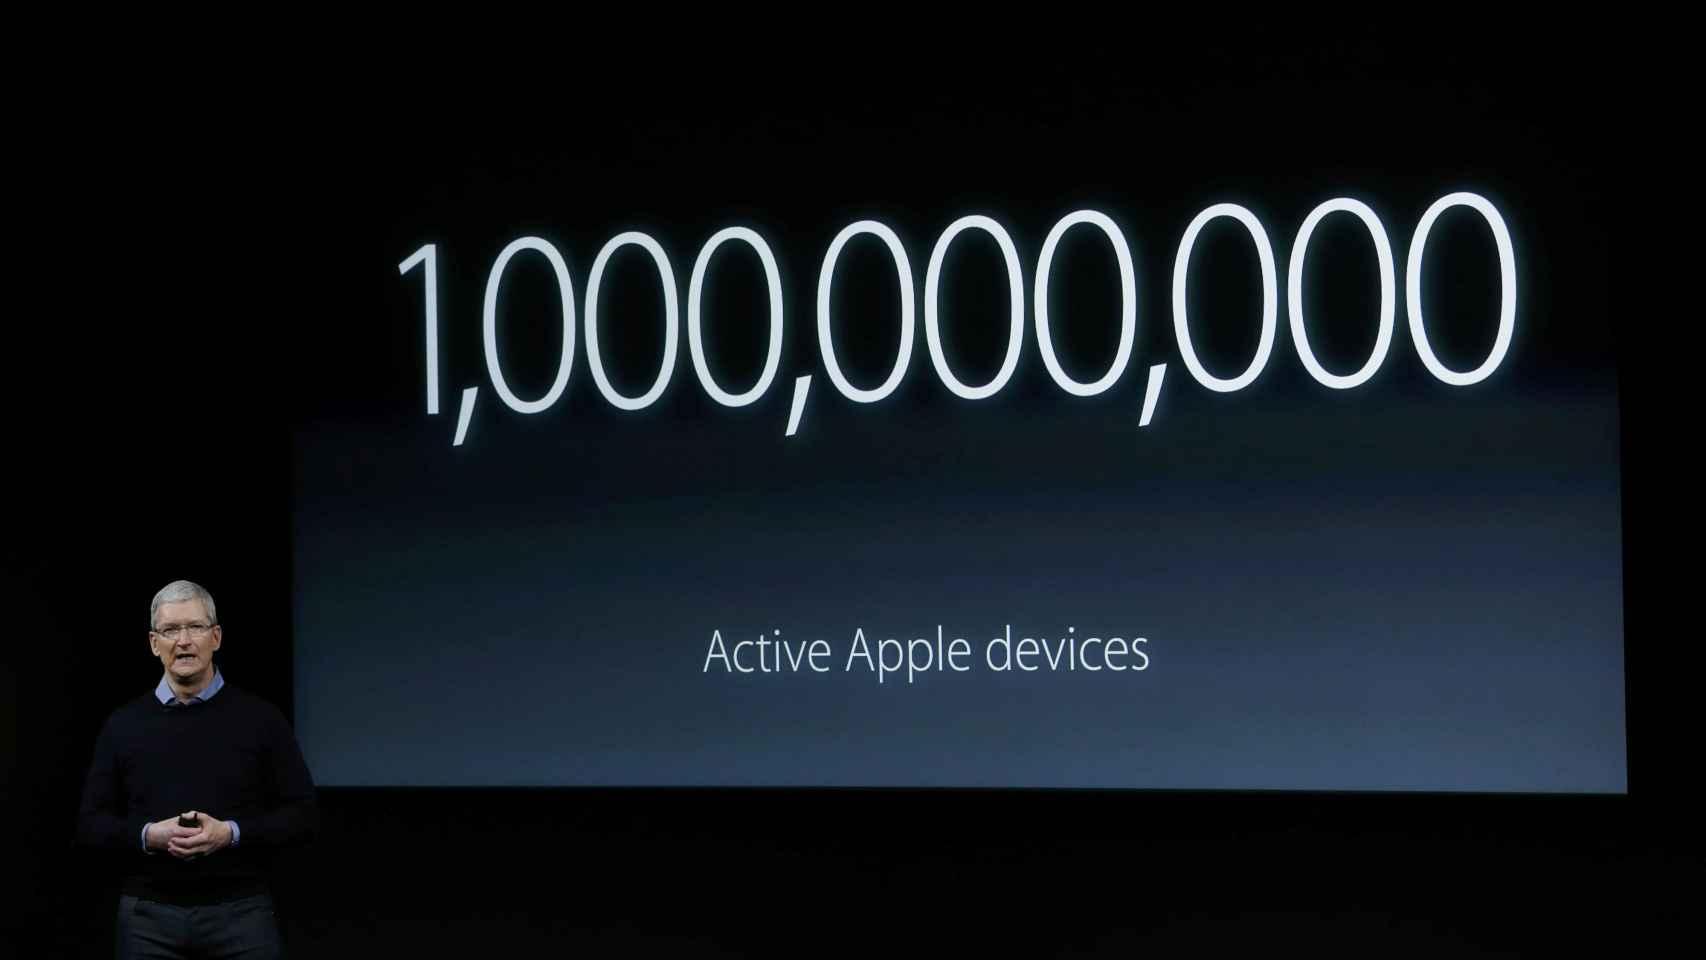 Ésta es la cantidad de dispositivos Apple en todo el mundo